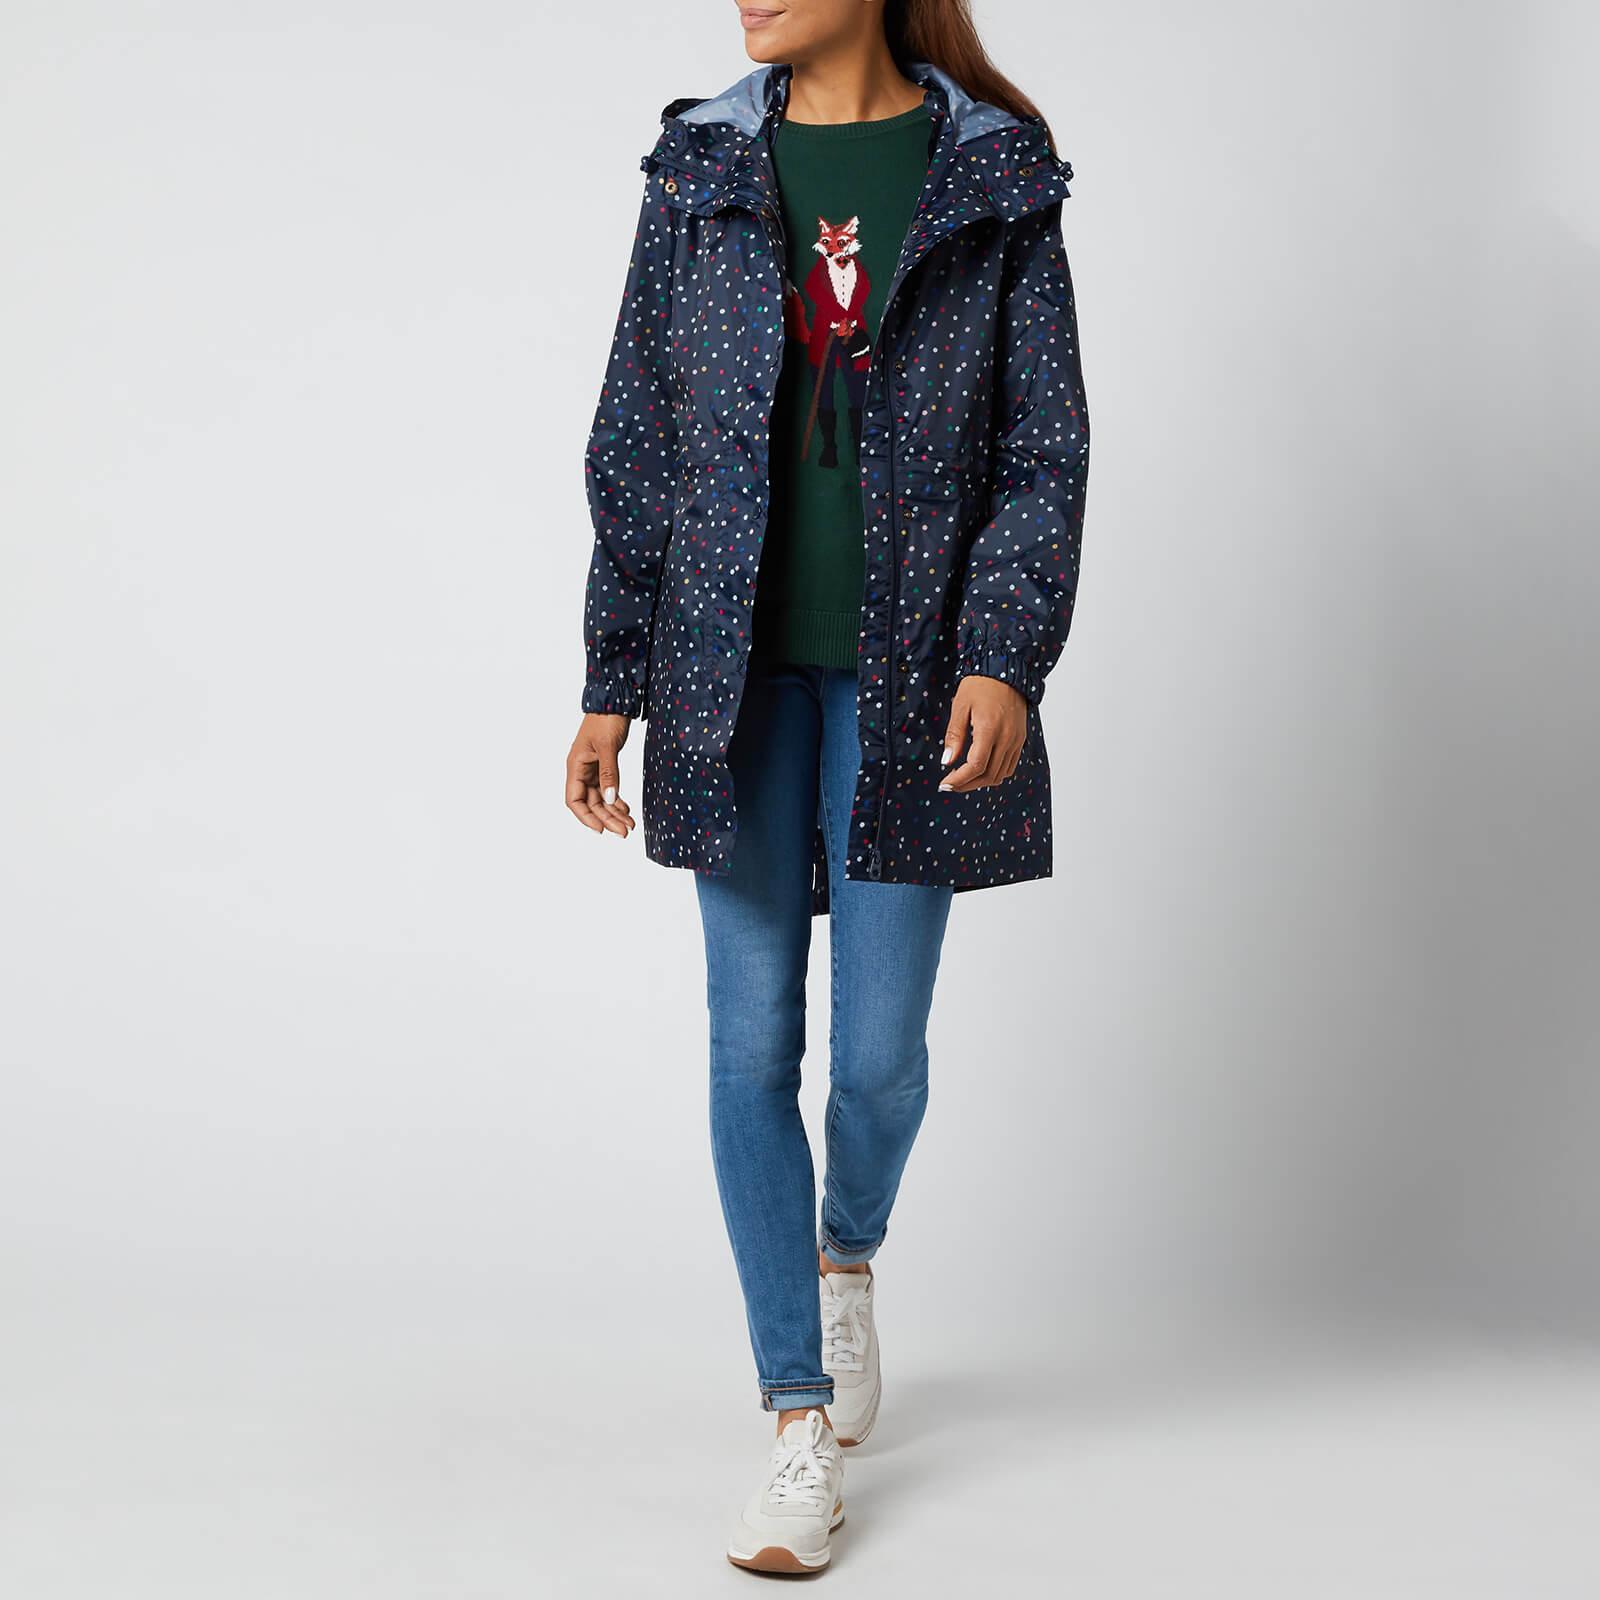 Joules Women's Golightly Packable Jacket - Multi Spot - Uk 8